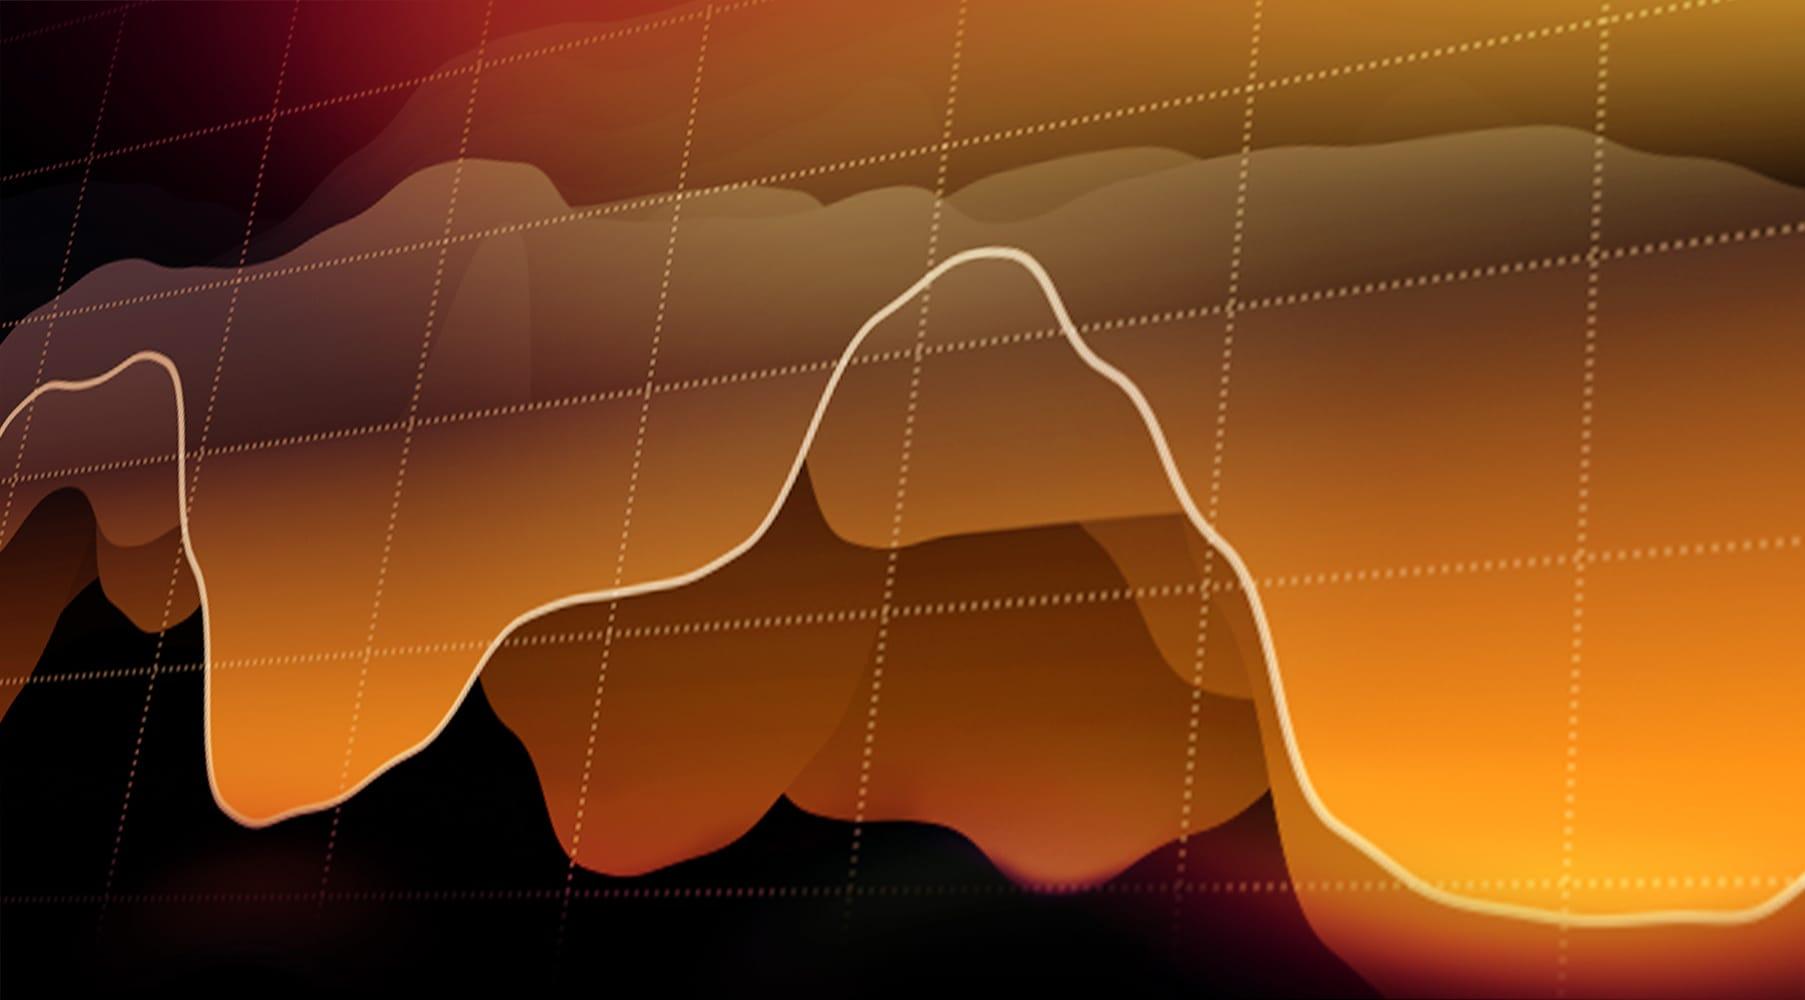 C-Suite C-Vox™ Noise & Ambience Reduction